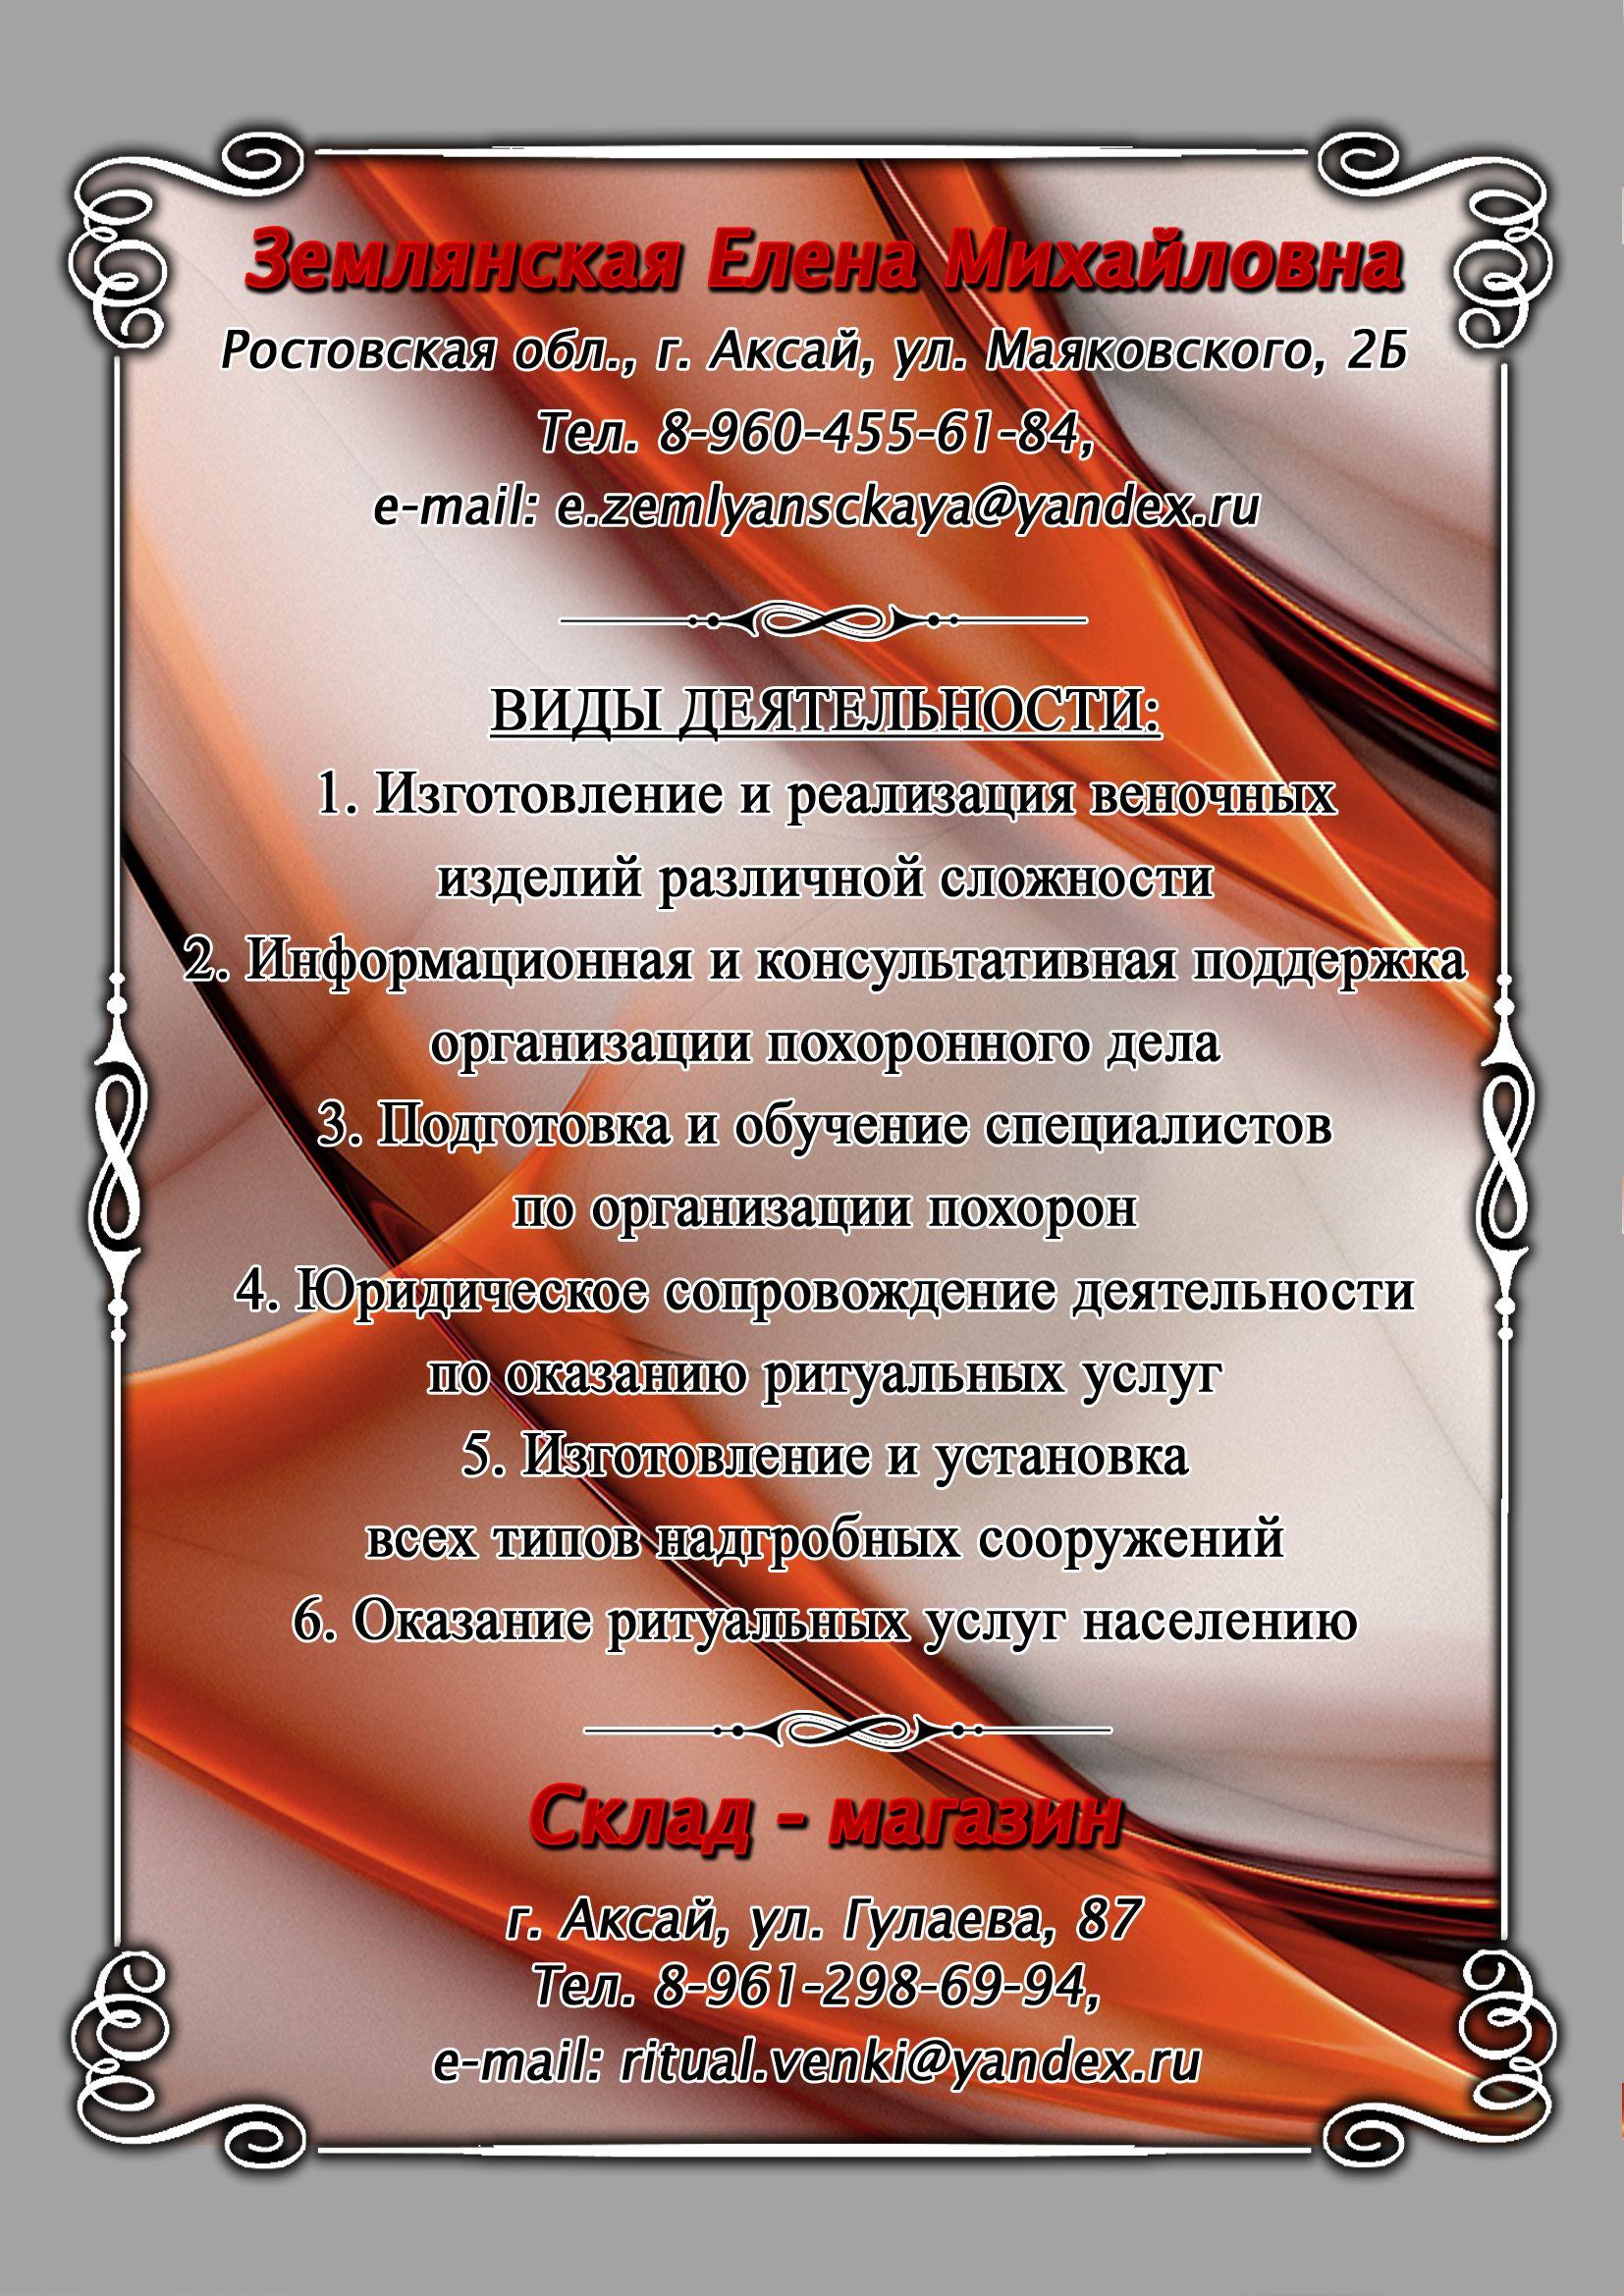 Каталог ИП Землянская